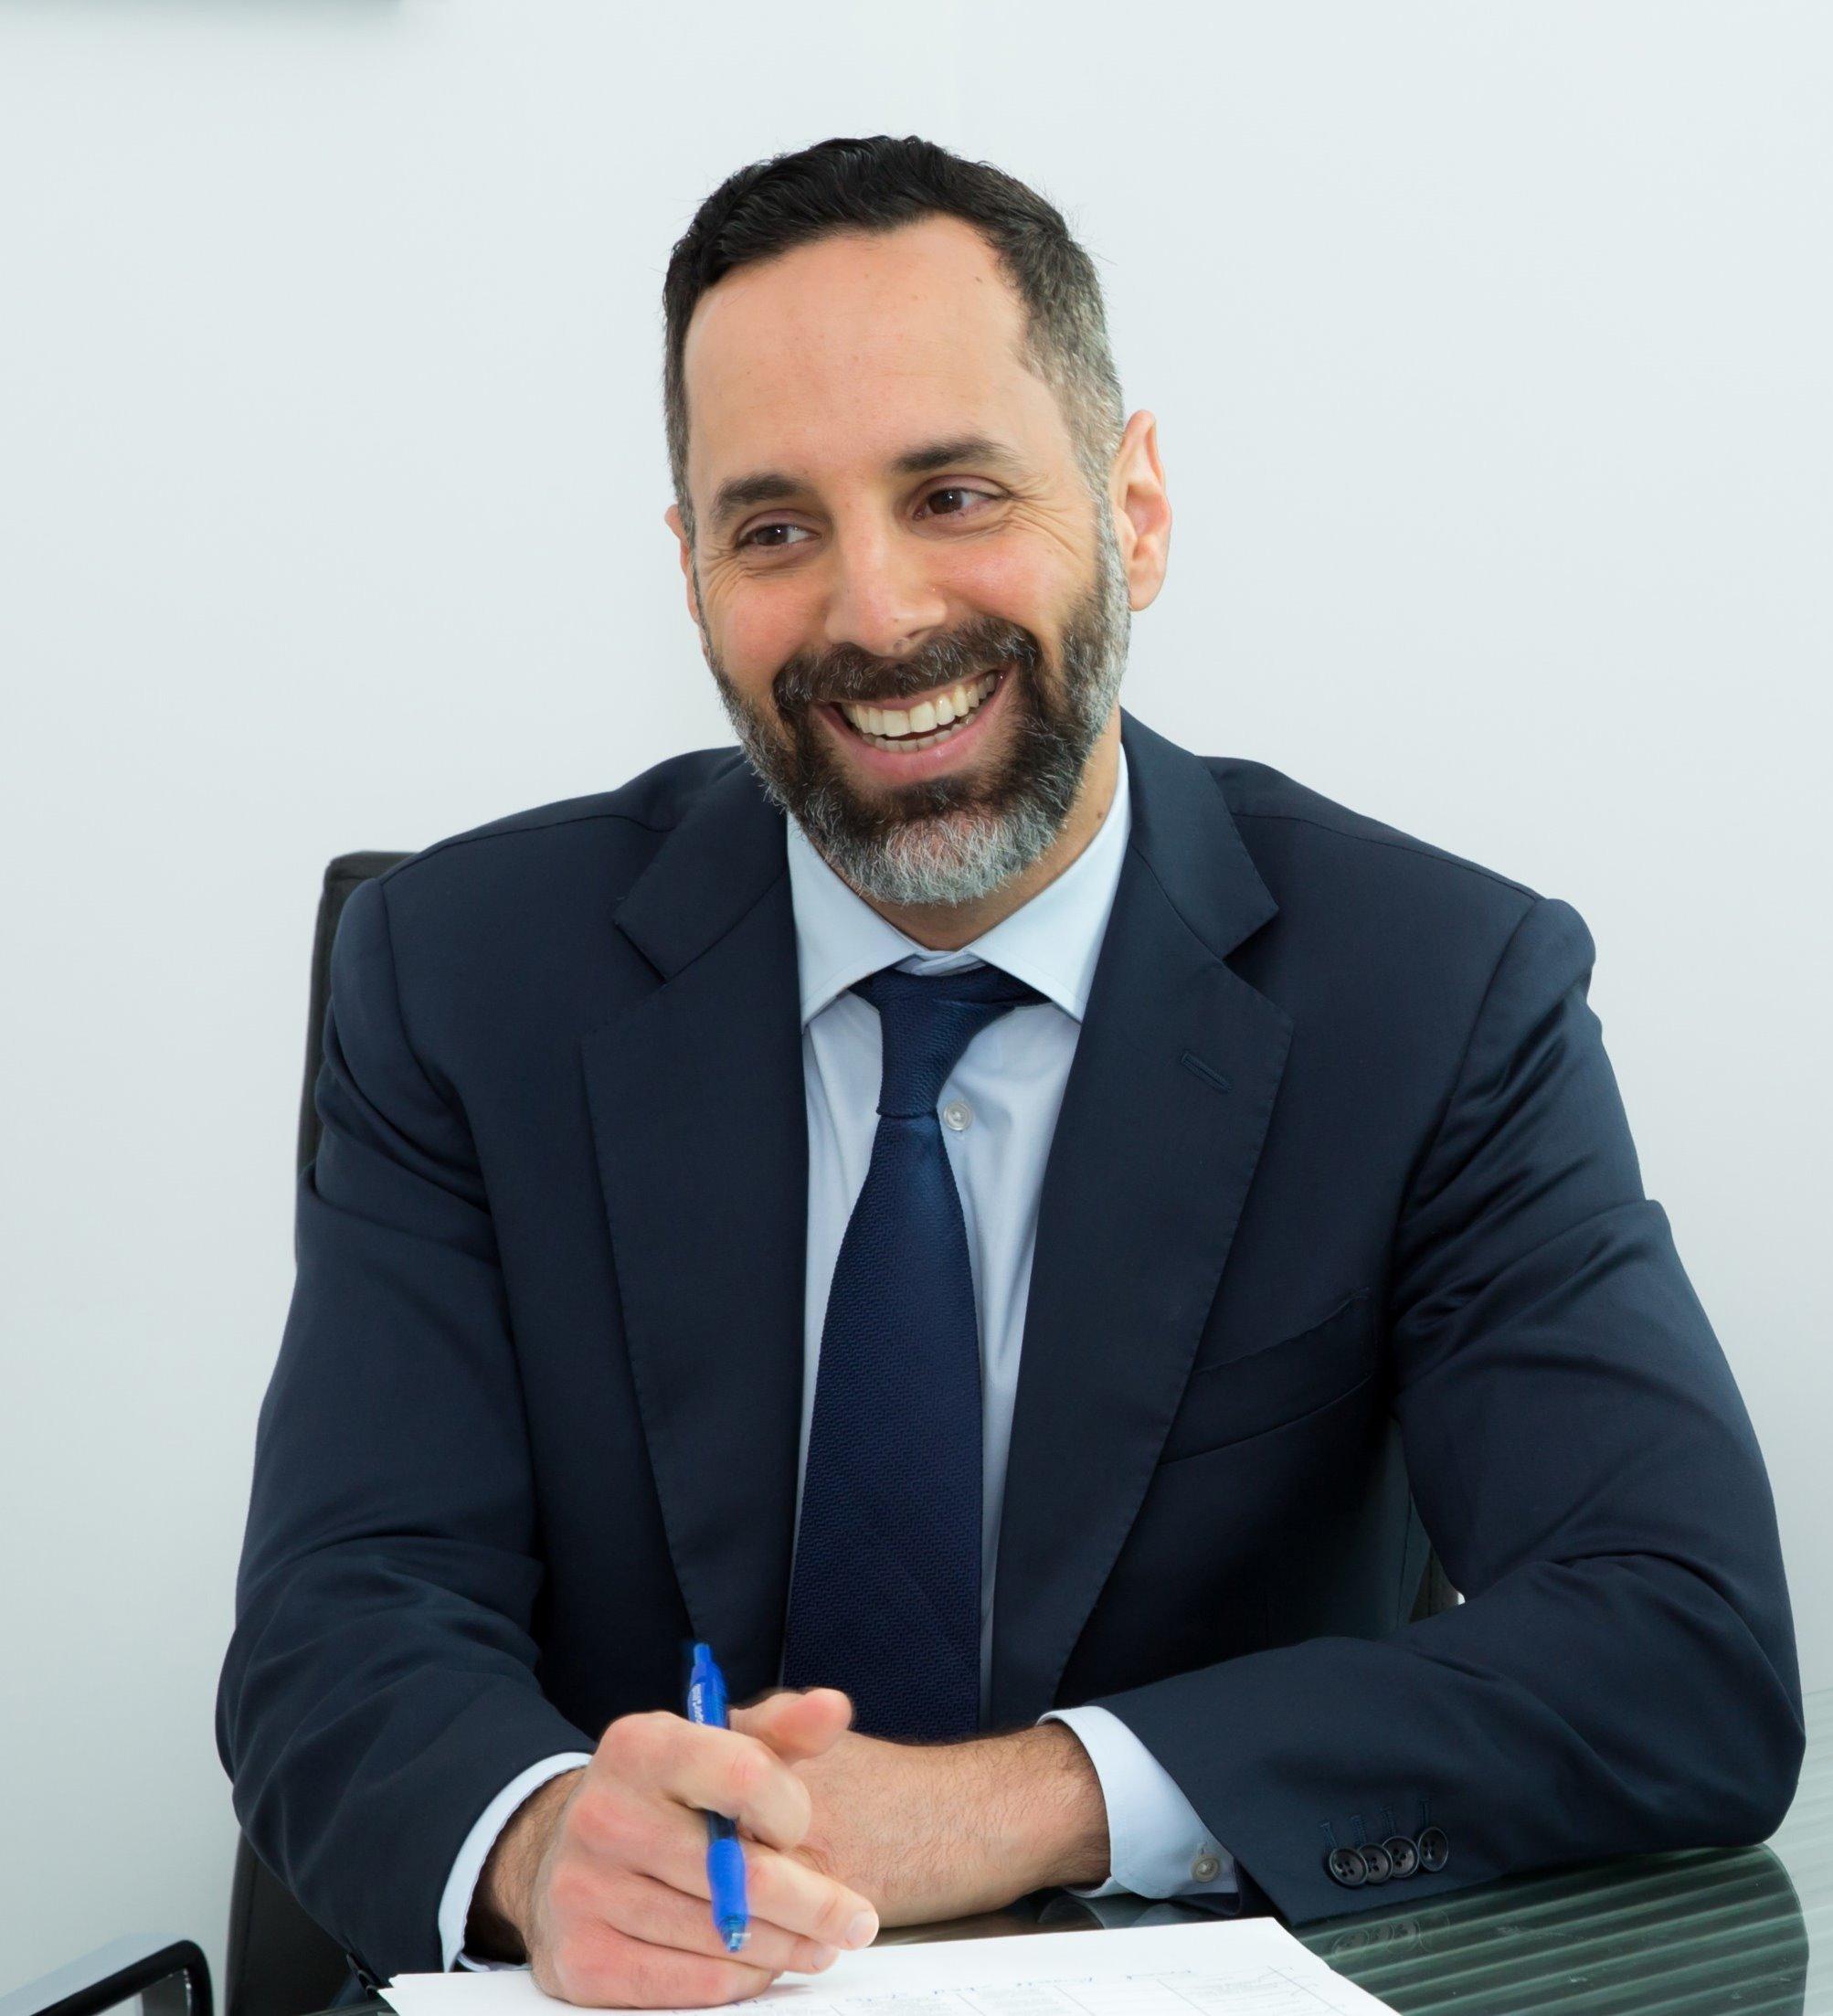 Edward Dabdoub's Profile Image